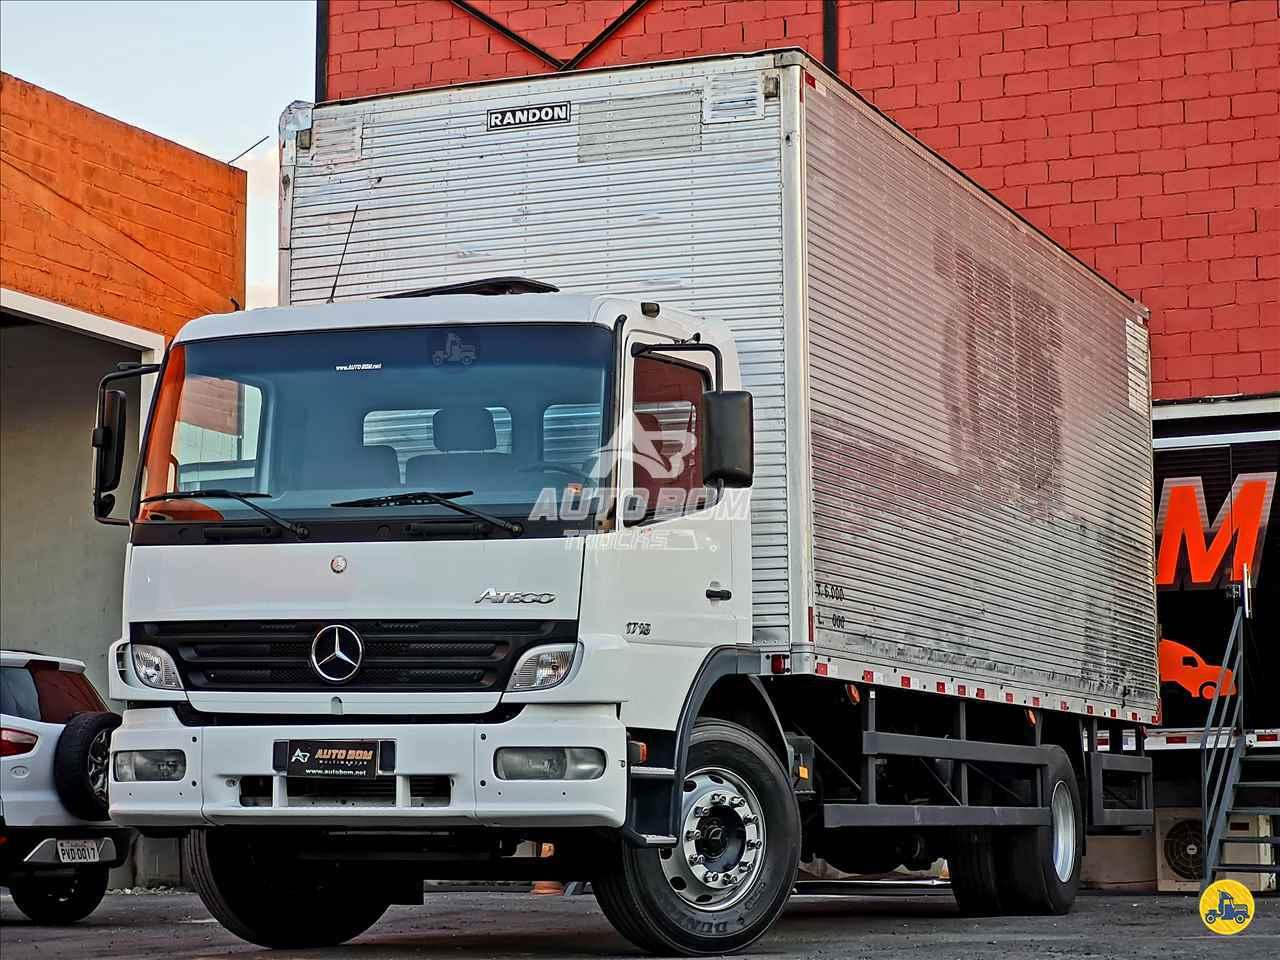 CAMINHAO MERCEDES-BENZ MB 1718 Baú Furgão Toco 4x2 Autobom Trucks CONTAGEM MINAS GERAIS MG